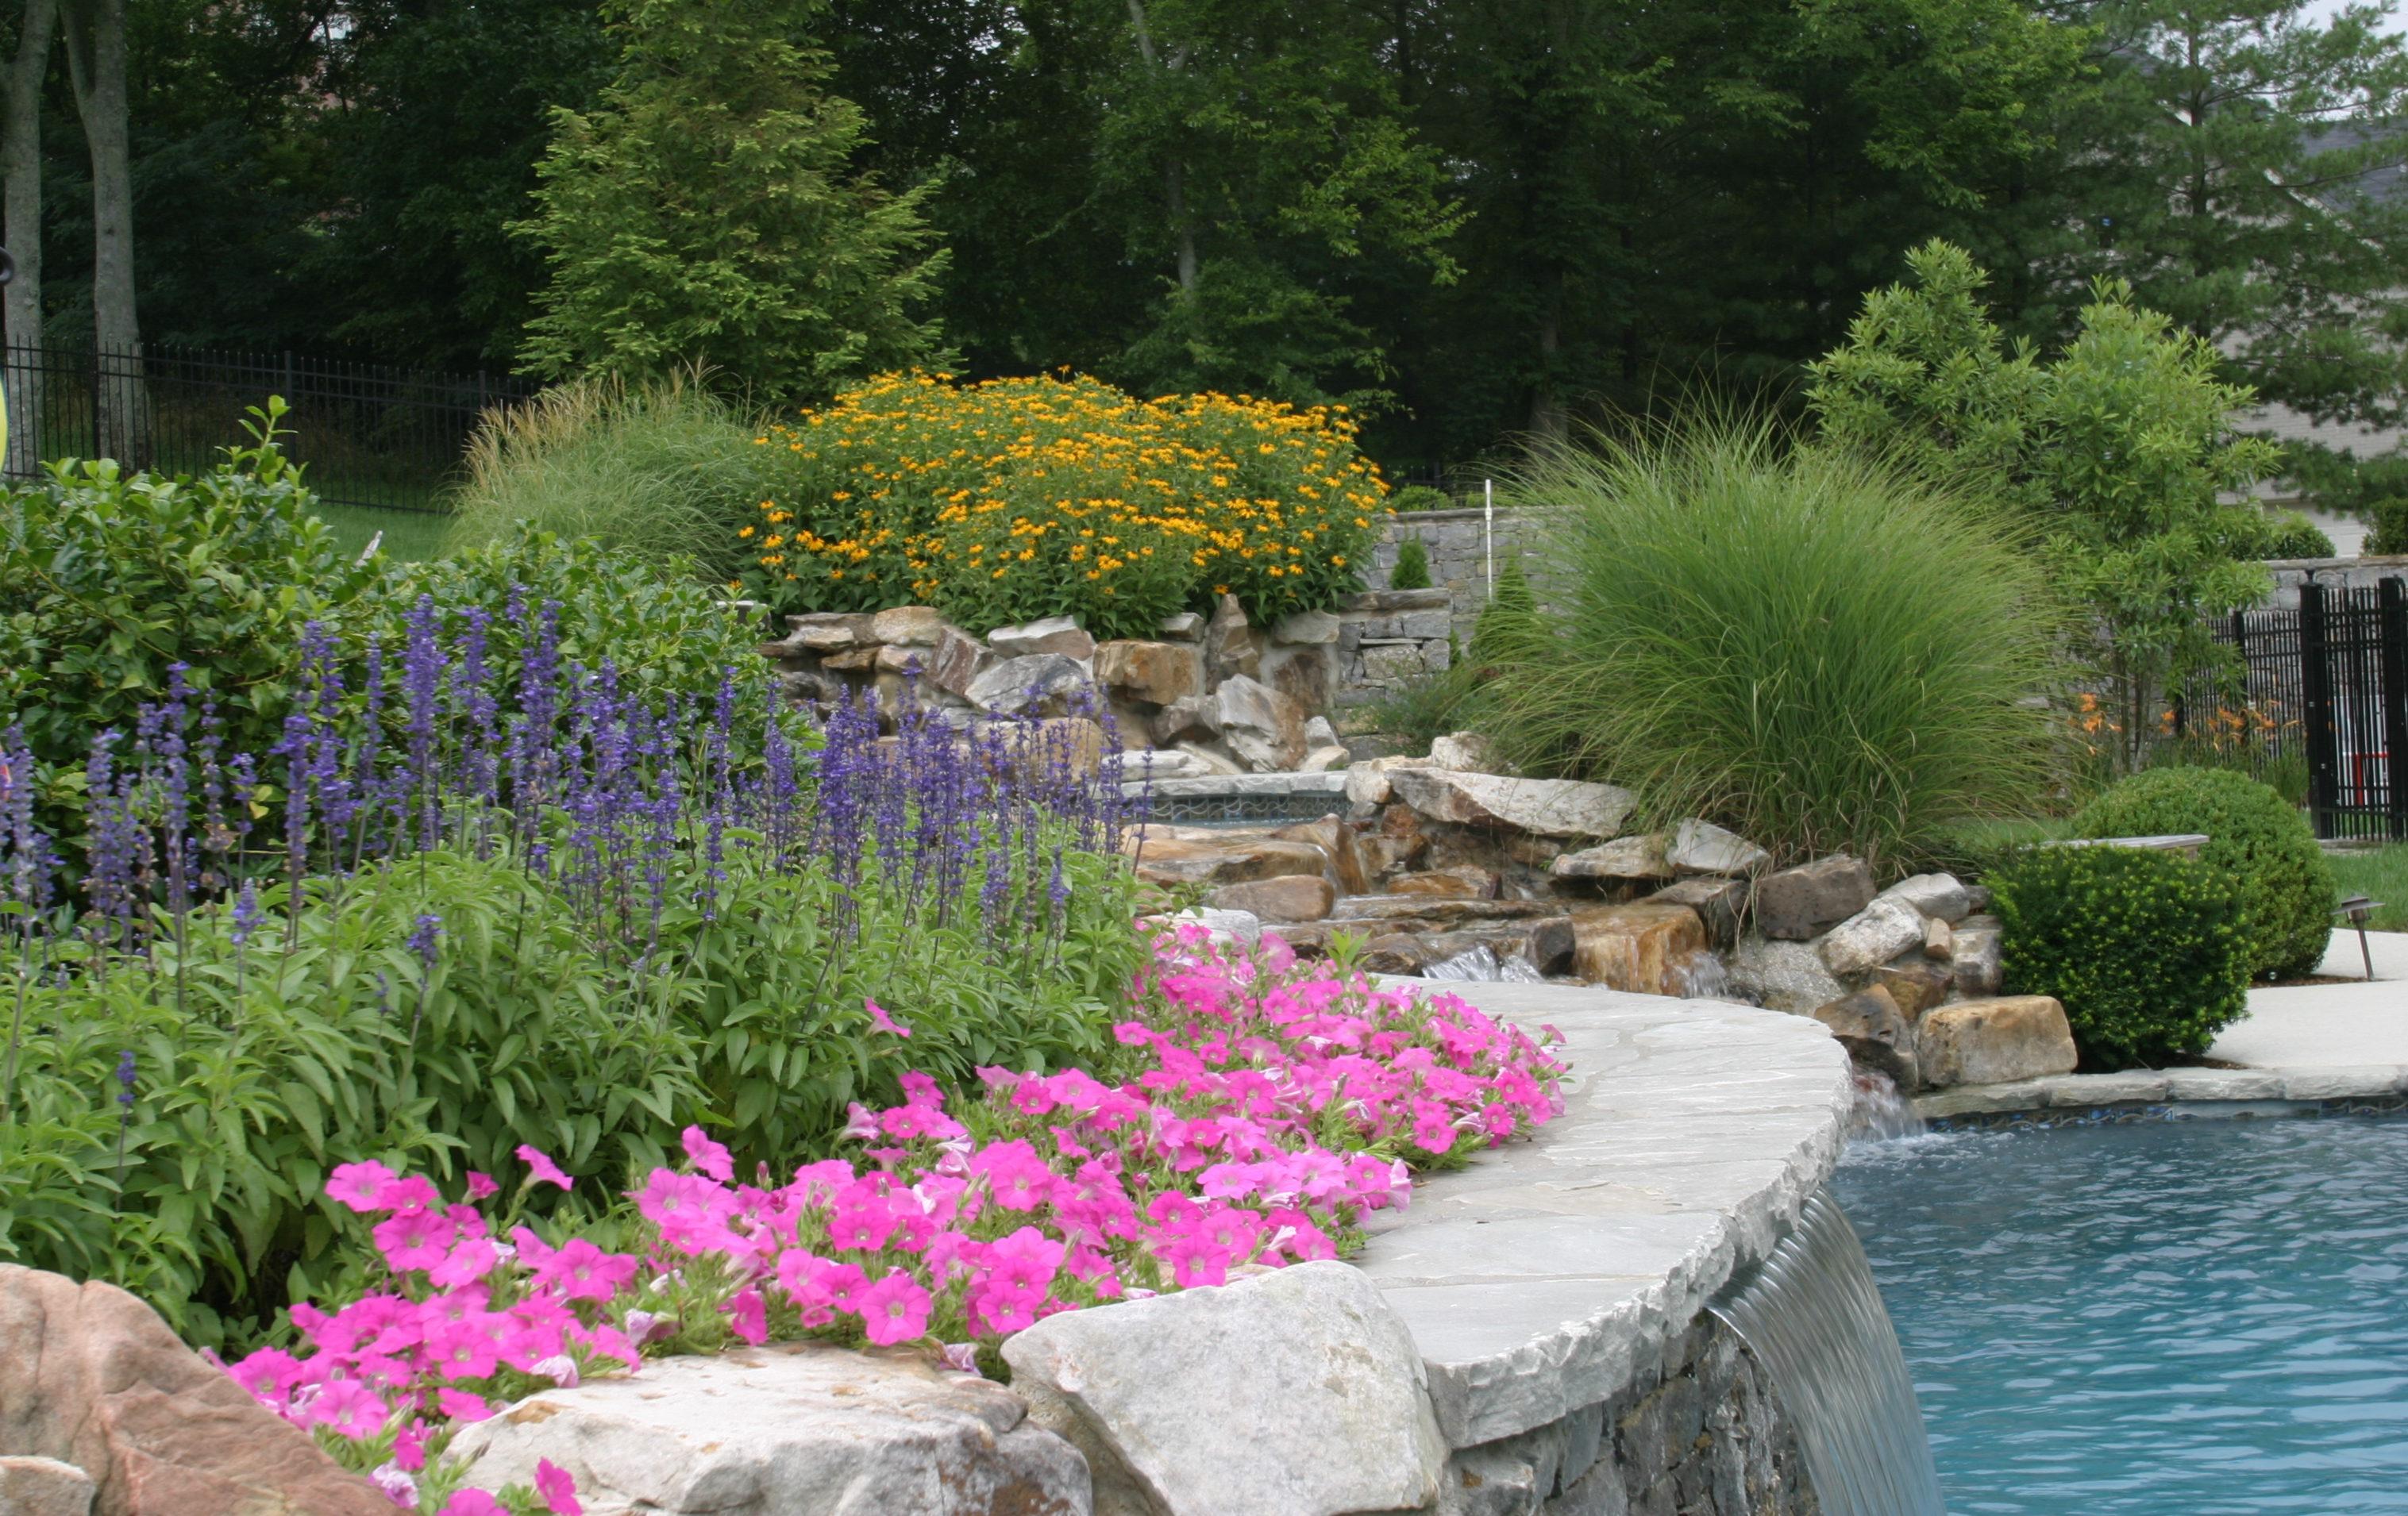 waller-landscaping-service-nashville